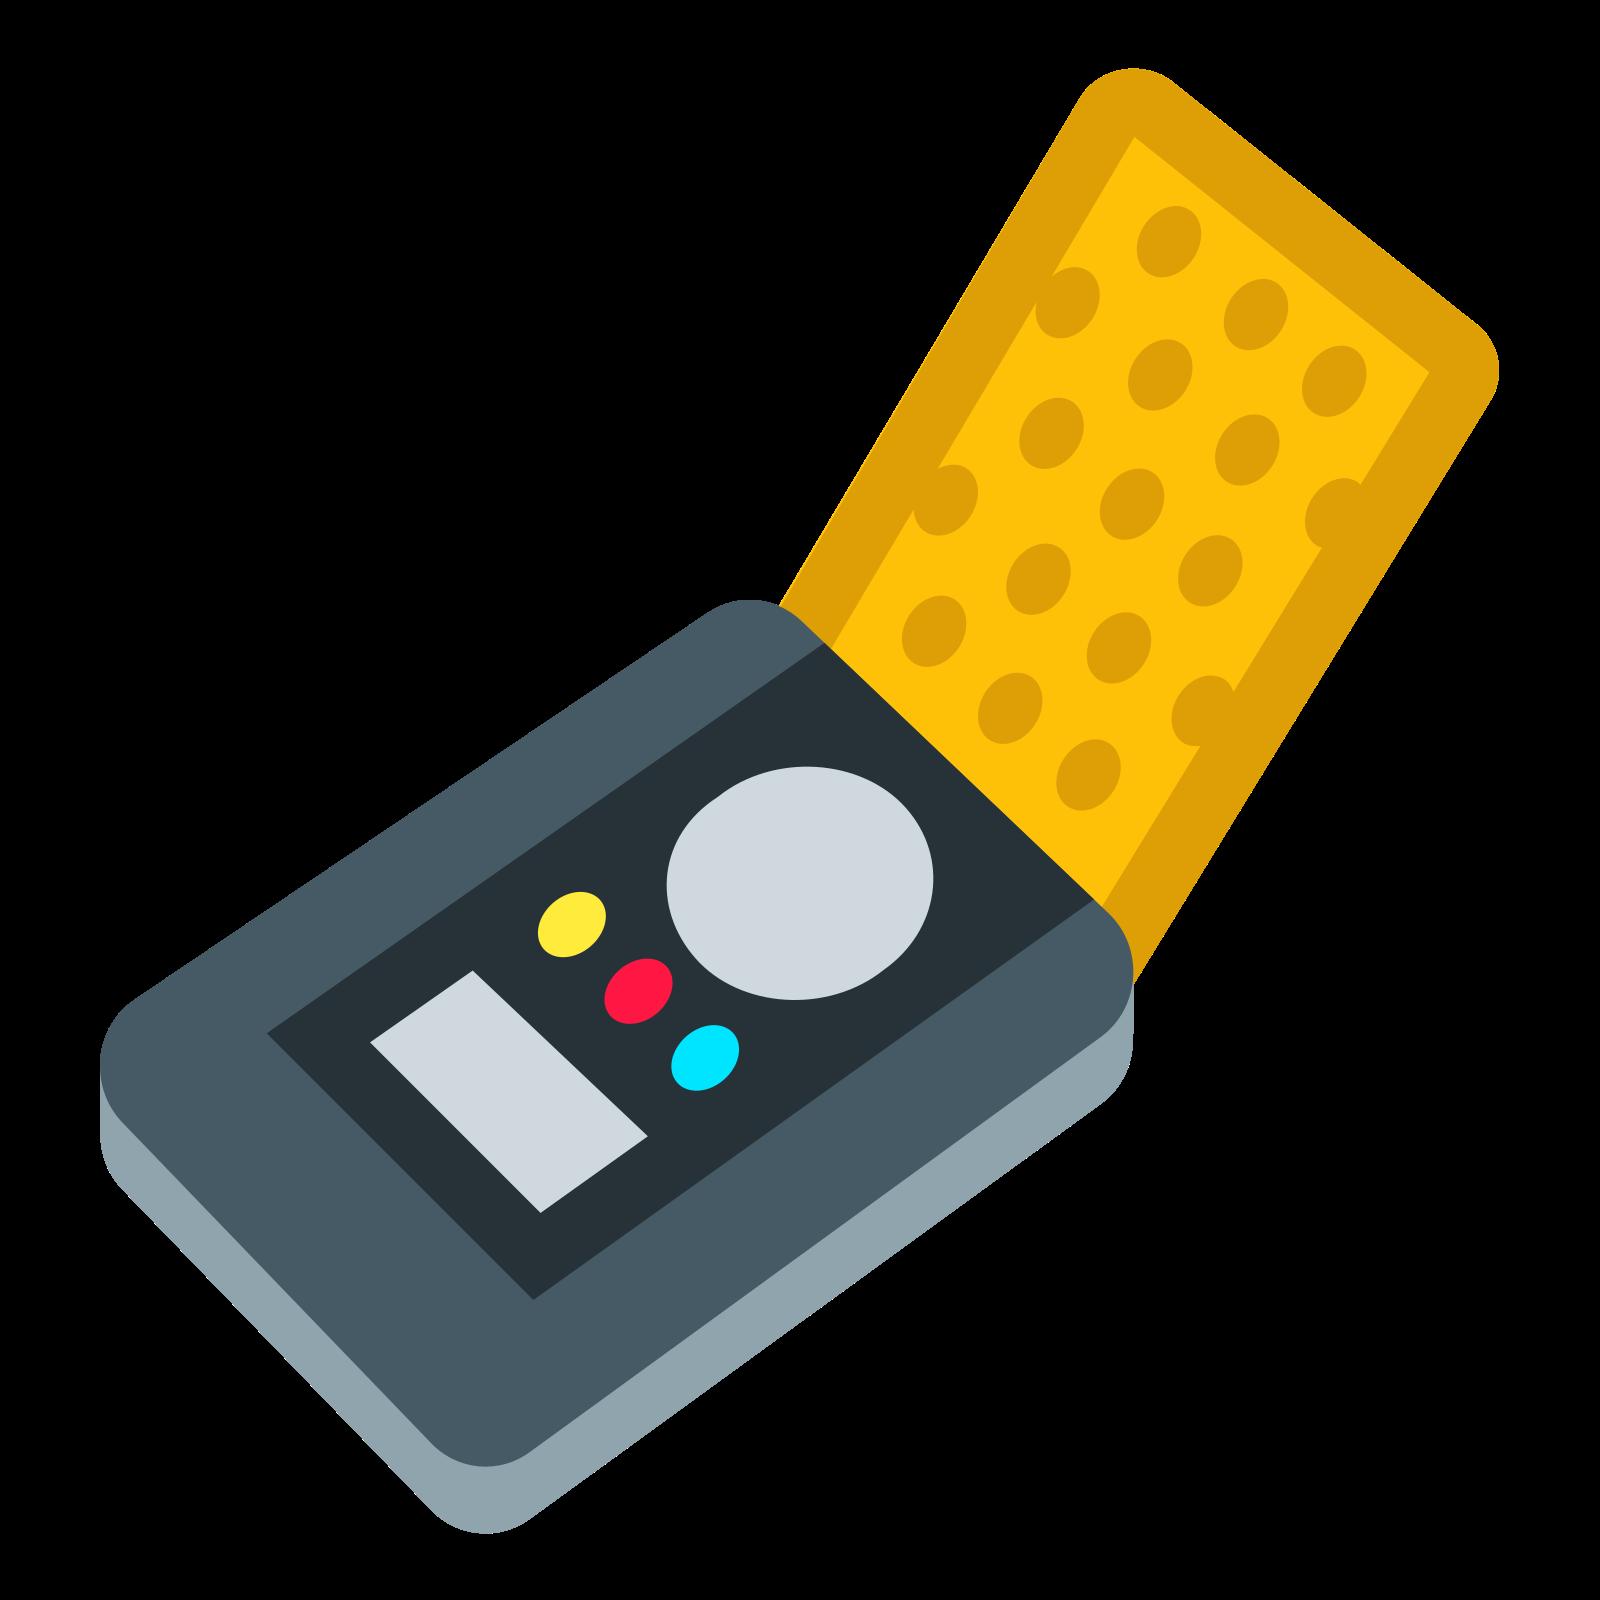 Komunikator icon